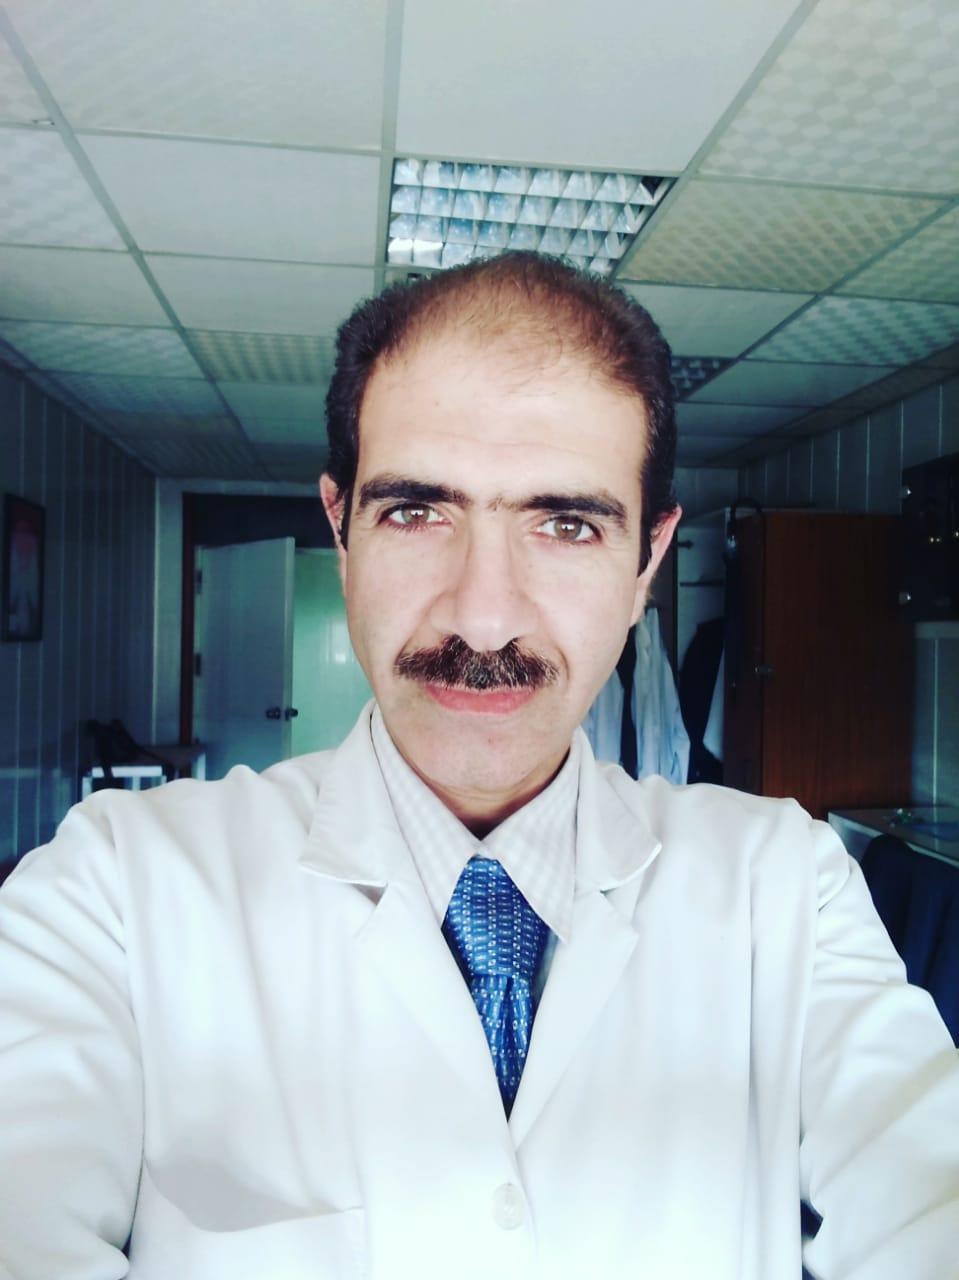 مطصفي فريد رجب ابو المعاطي